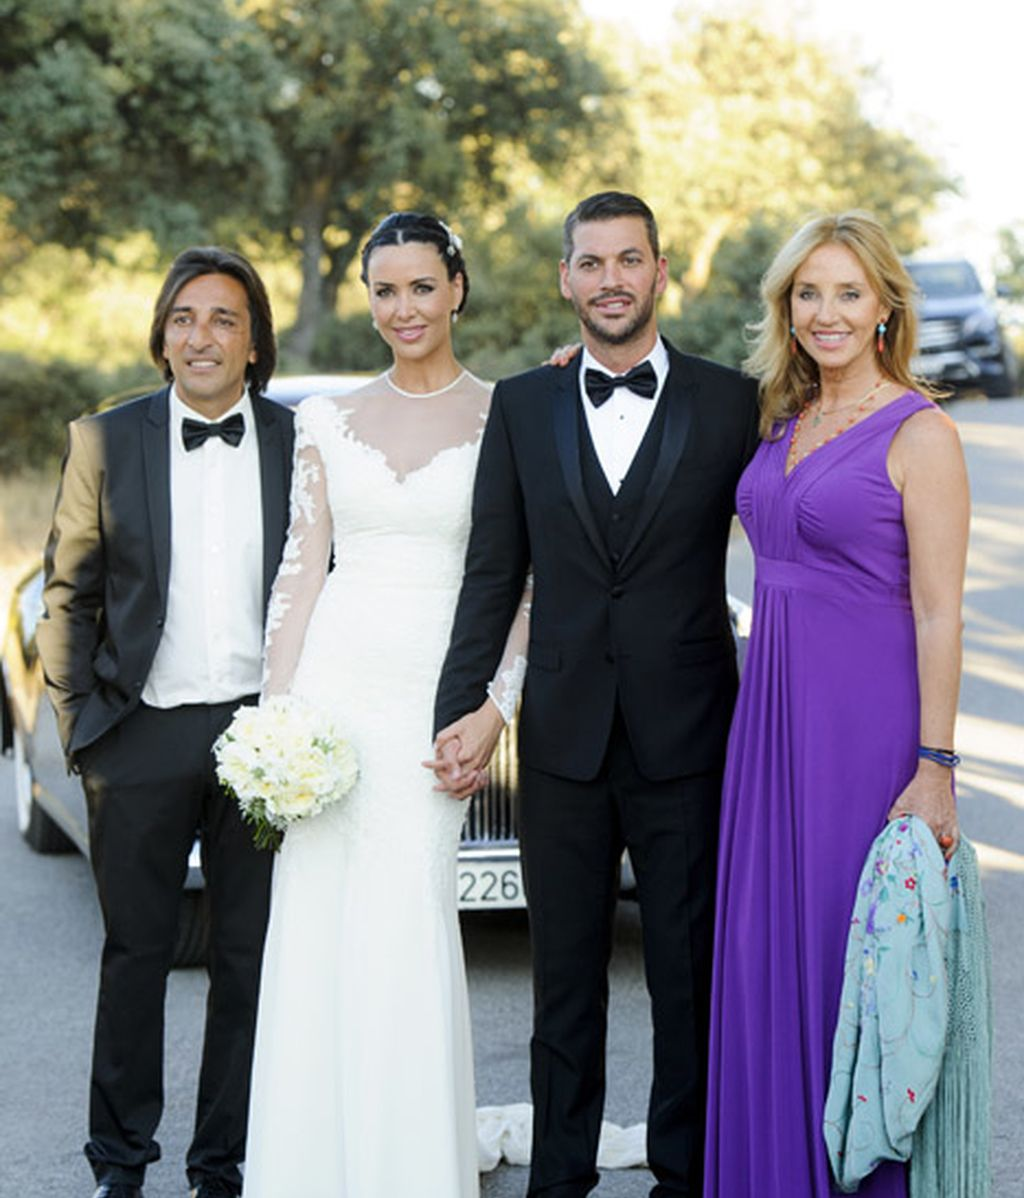 Antonio Carmona y Mariola Orellana junto a los novios